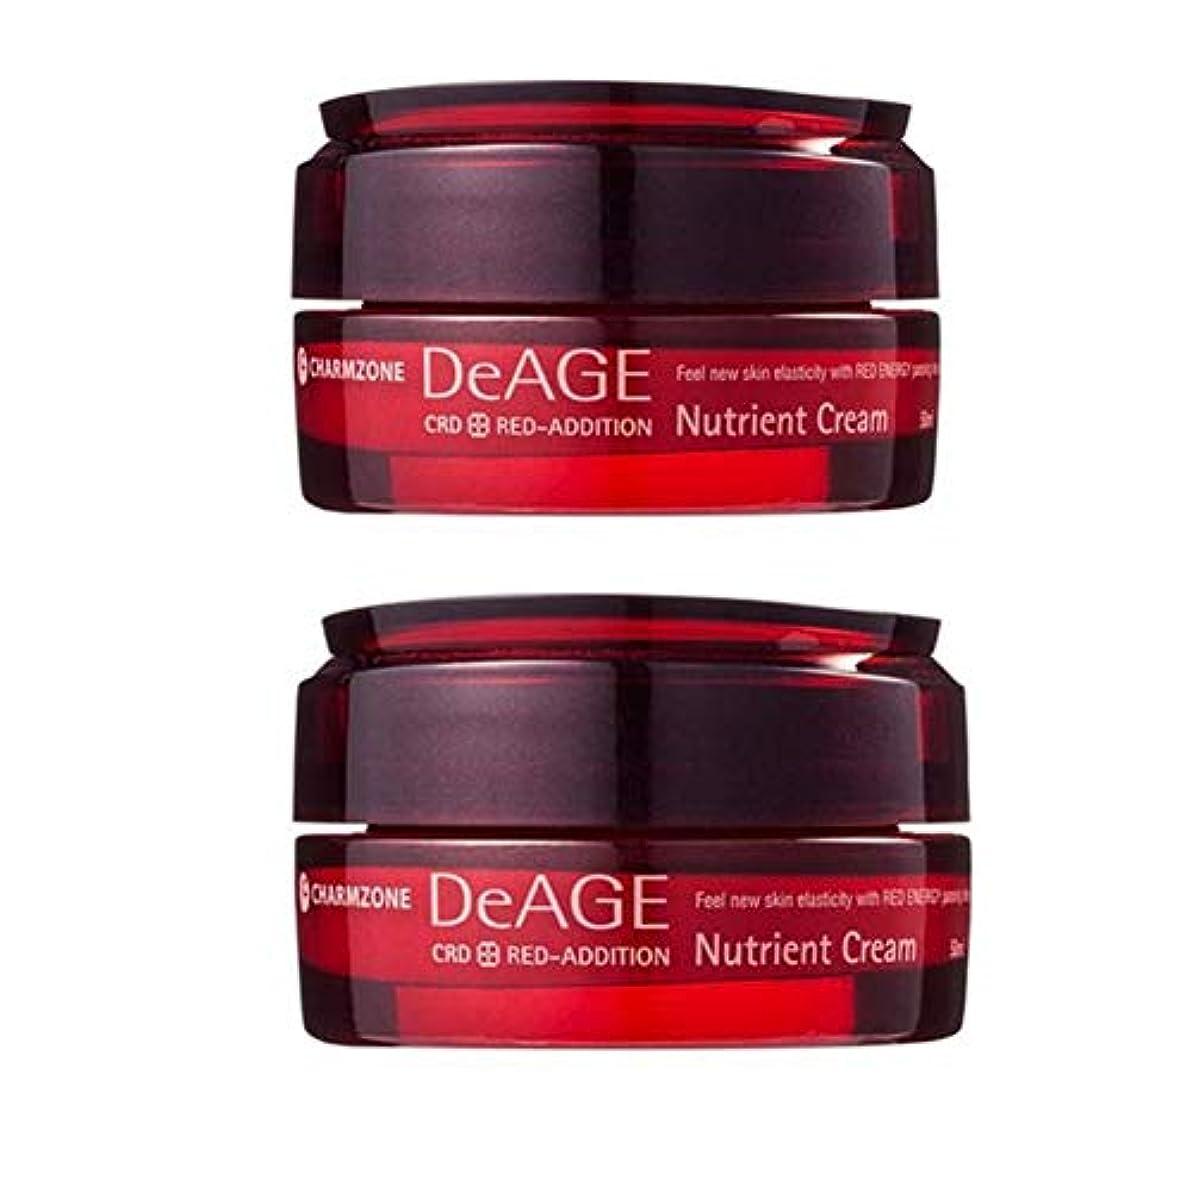 補体ジョージハンブリー週末チャムジョンディエイジレッドエディションニュトゥリオントゥクリーム50ml x 2本セット 栄養クリーム, Charmzone DeAGE Red-Addition Nutrient Cream 50ml x 2ea Set...